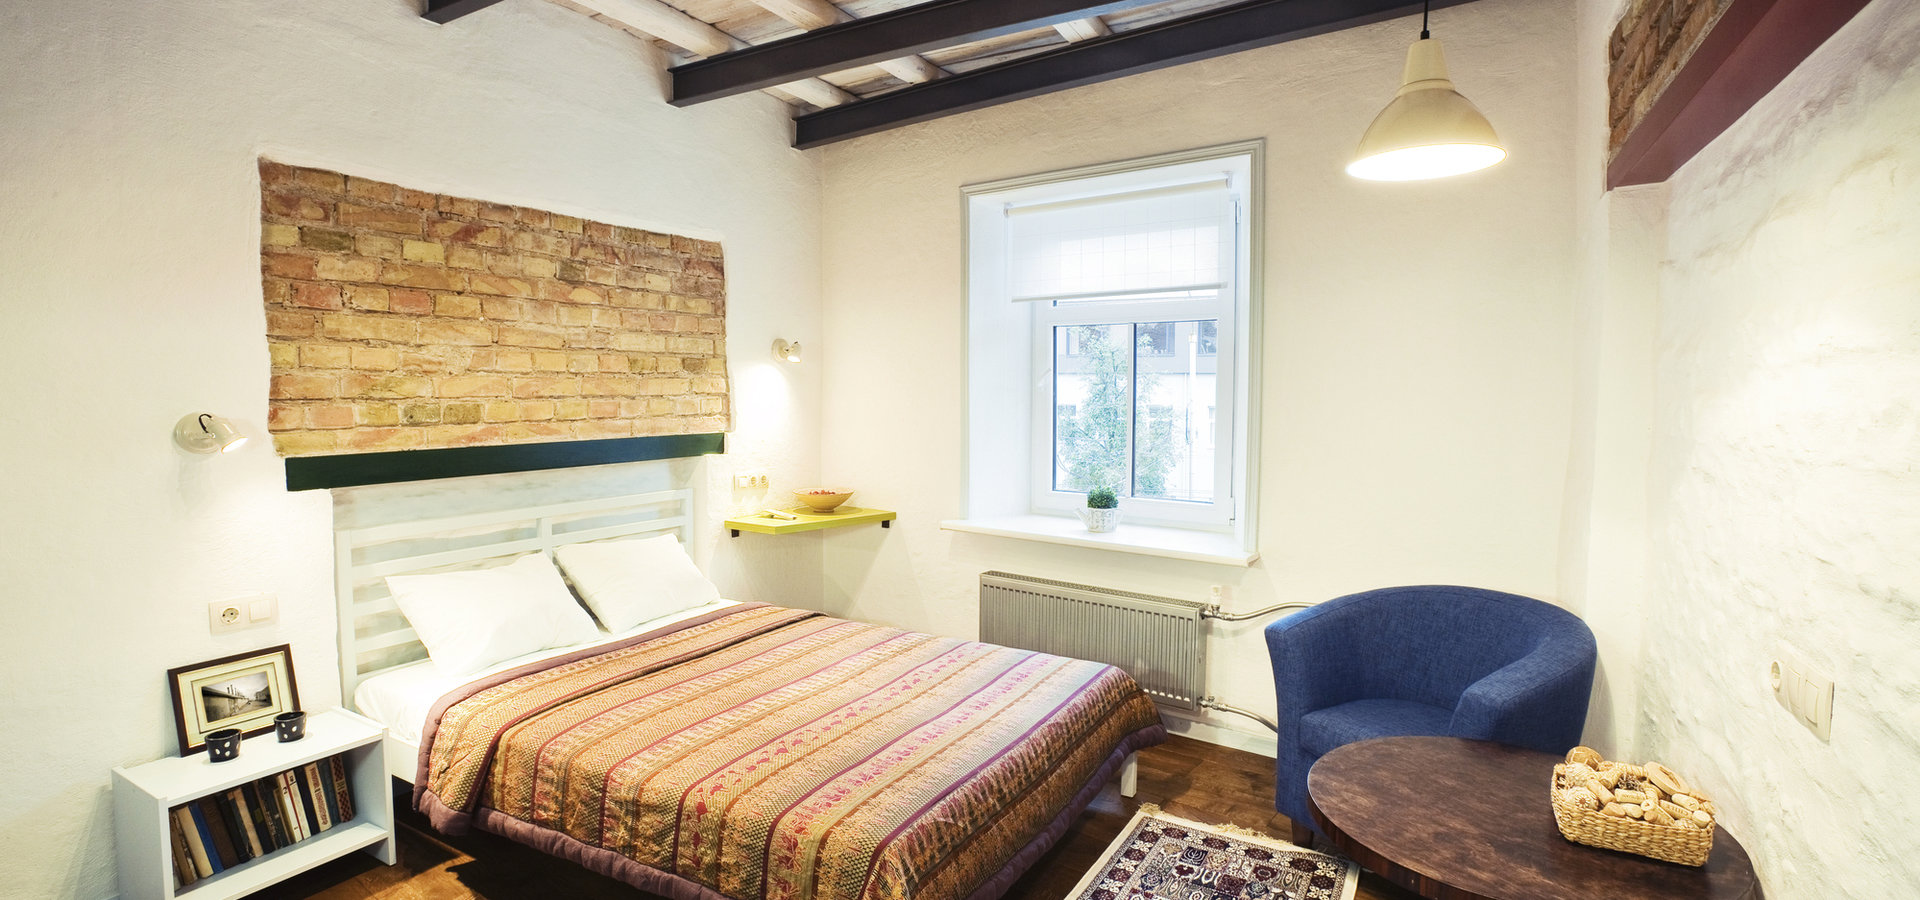 Jakie oświetlenie pasuje do sypialni w stylu rustykalnym?